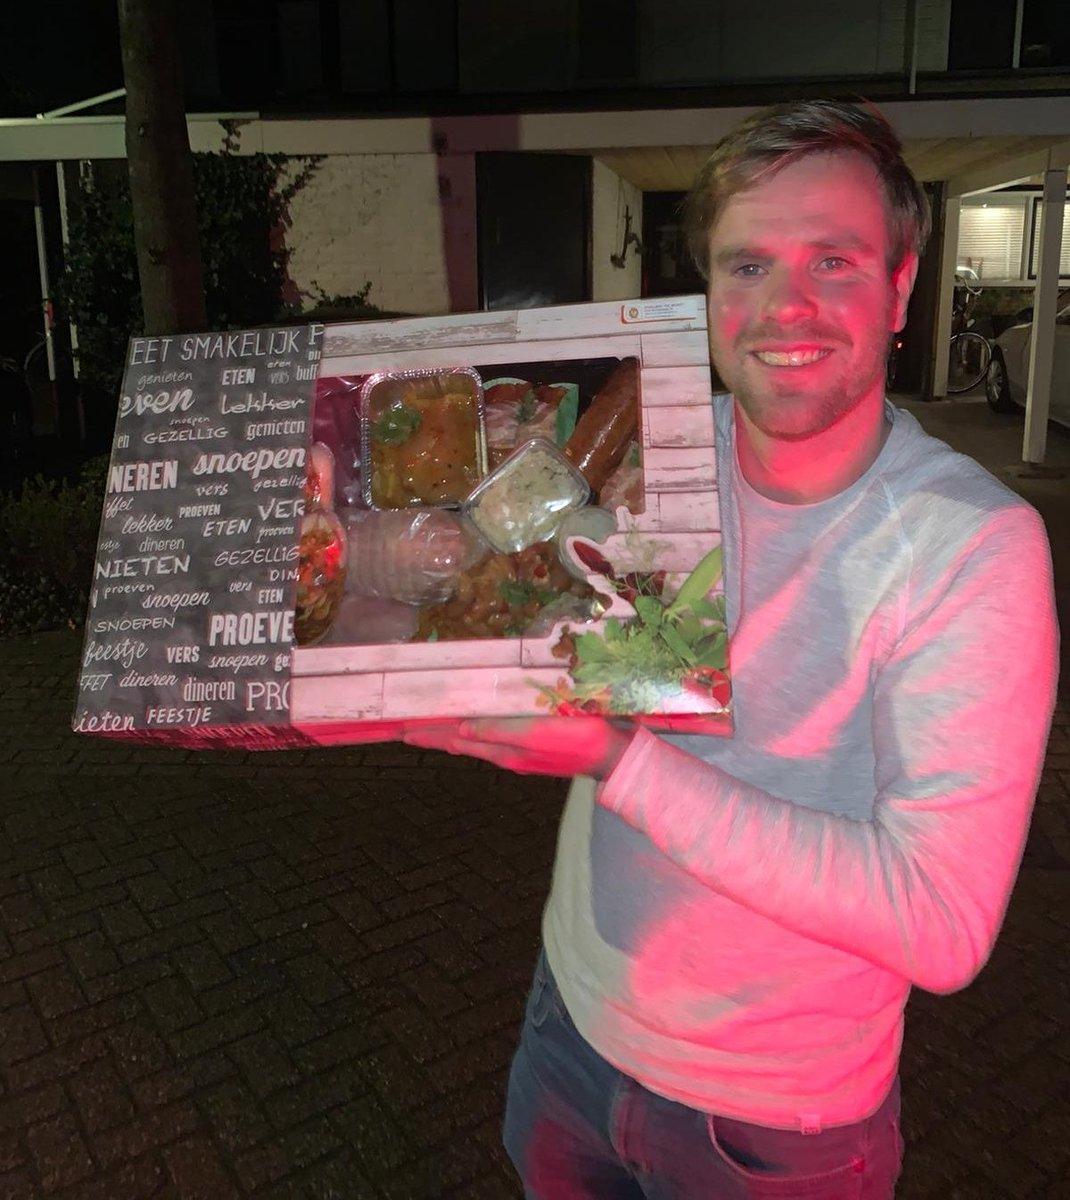 Winnaar van de win-actie voor de wedstrijd Voetbalvereniging DOVO - Ajax ⚽️⚽️, Wesley Schaap nam de kipschotel 🐥🍗 van Poelier De Munt in ontvangst. Geniet ervan Wesley😋!